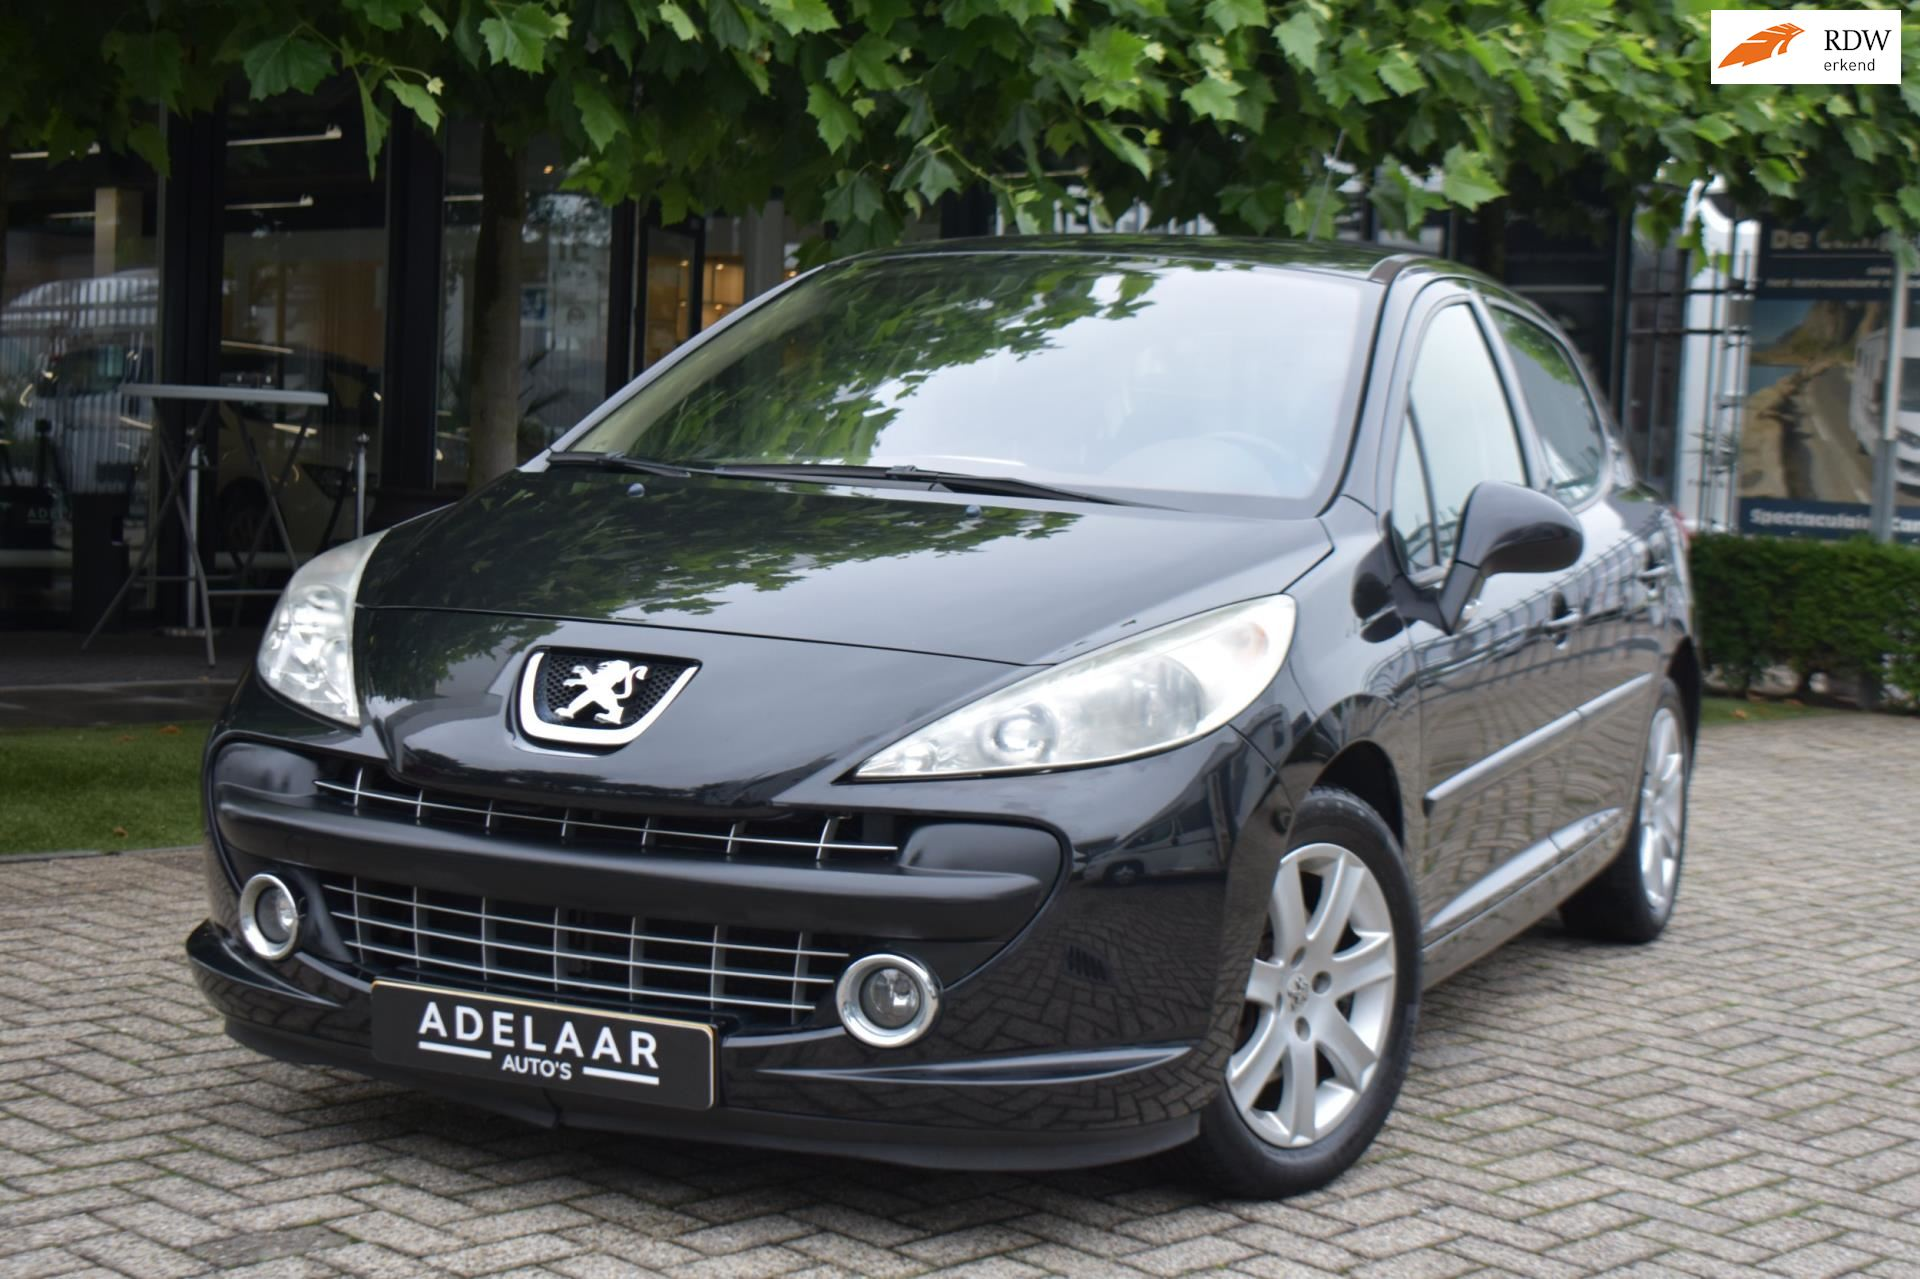 Peugeot 207 occasion - Car Gallery de Adelaar